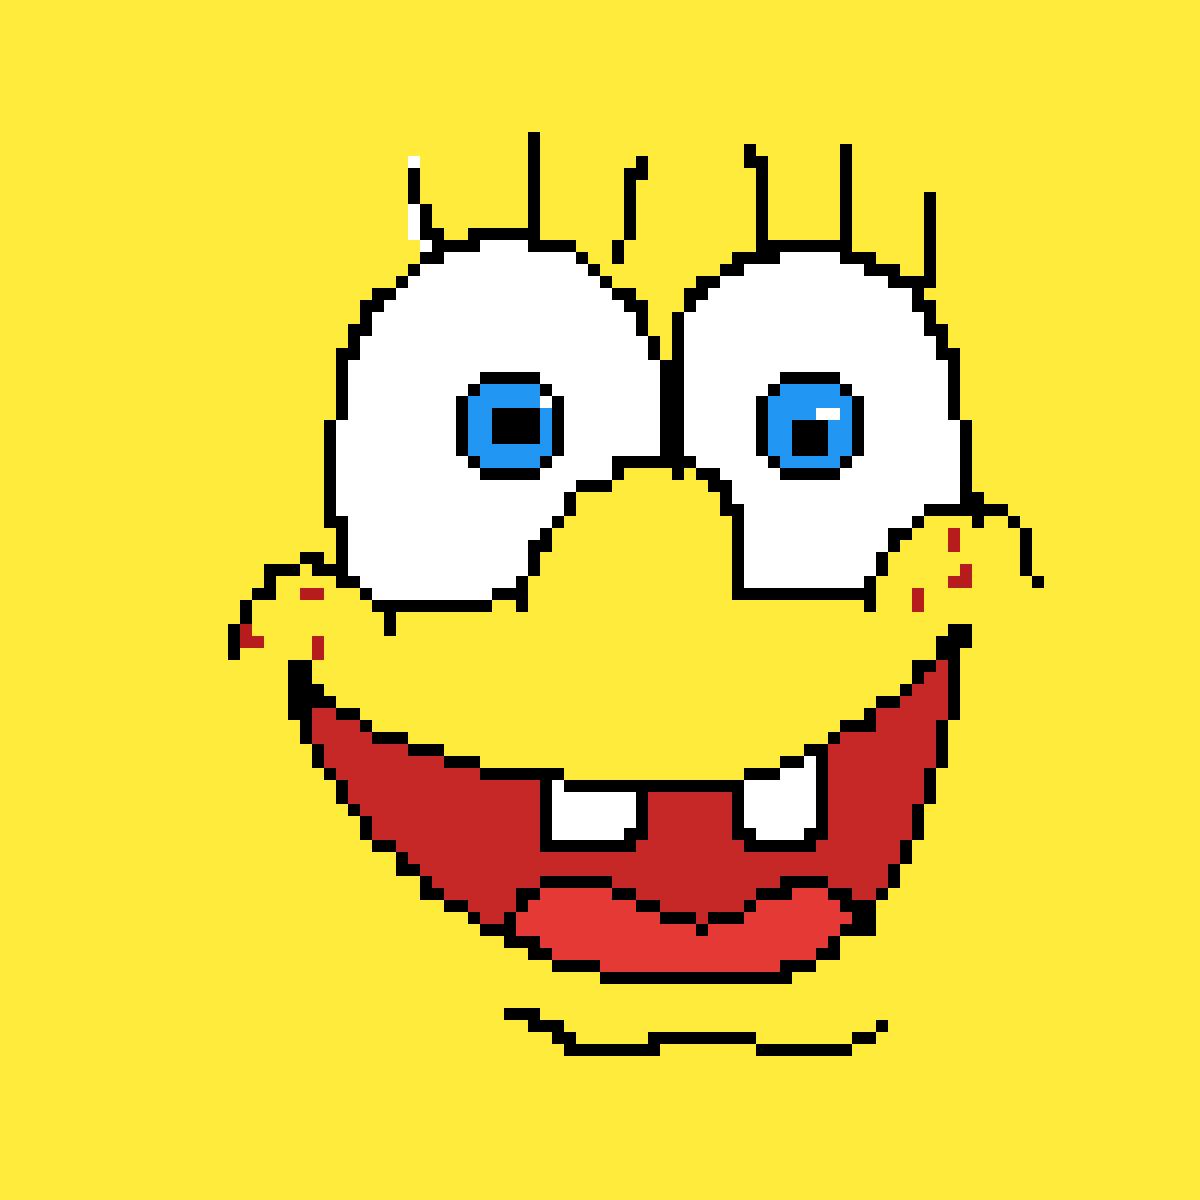 An ode to Spongebob